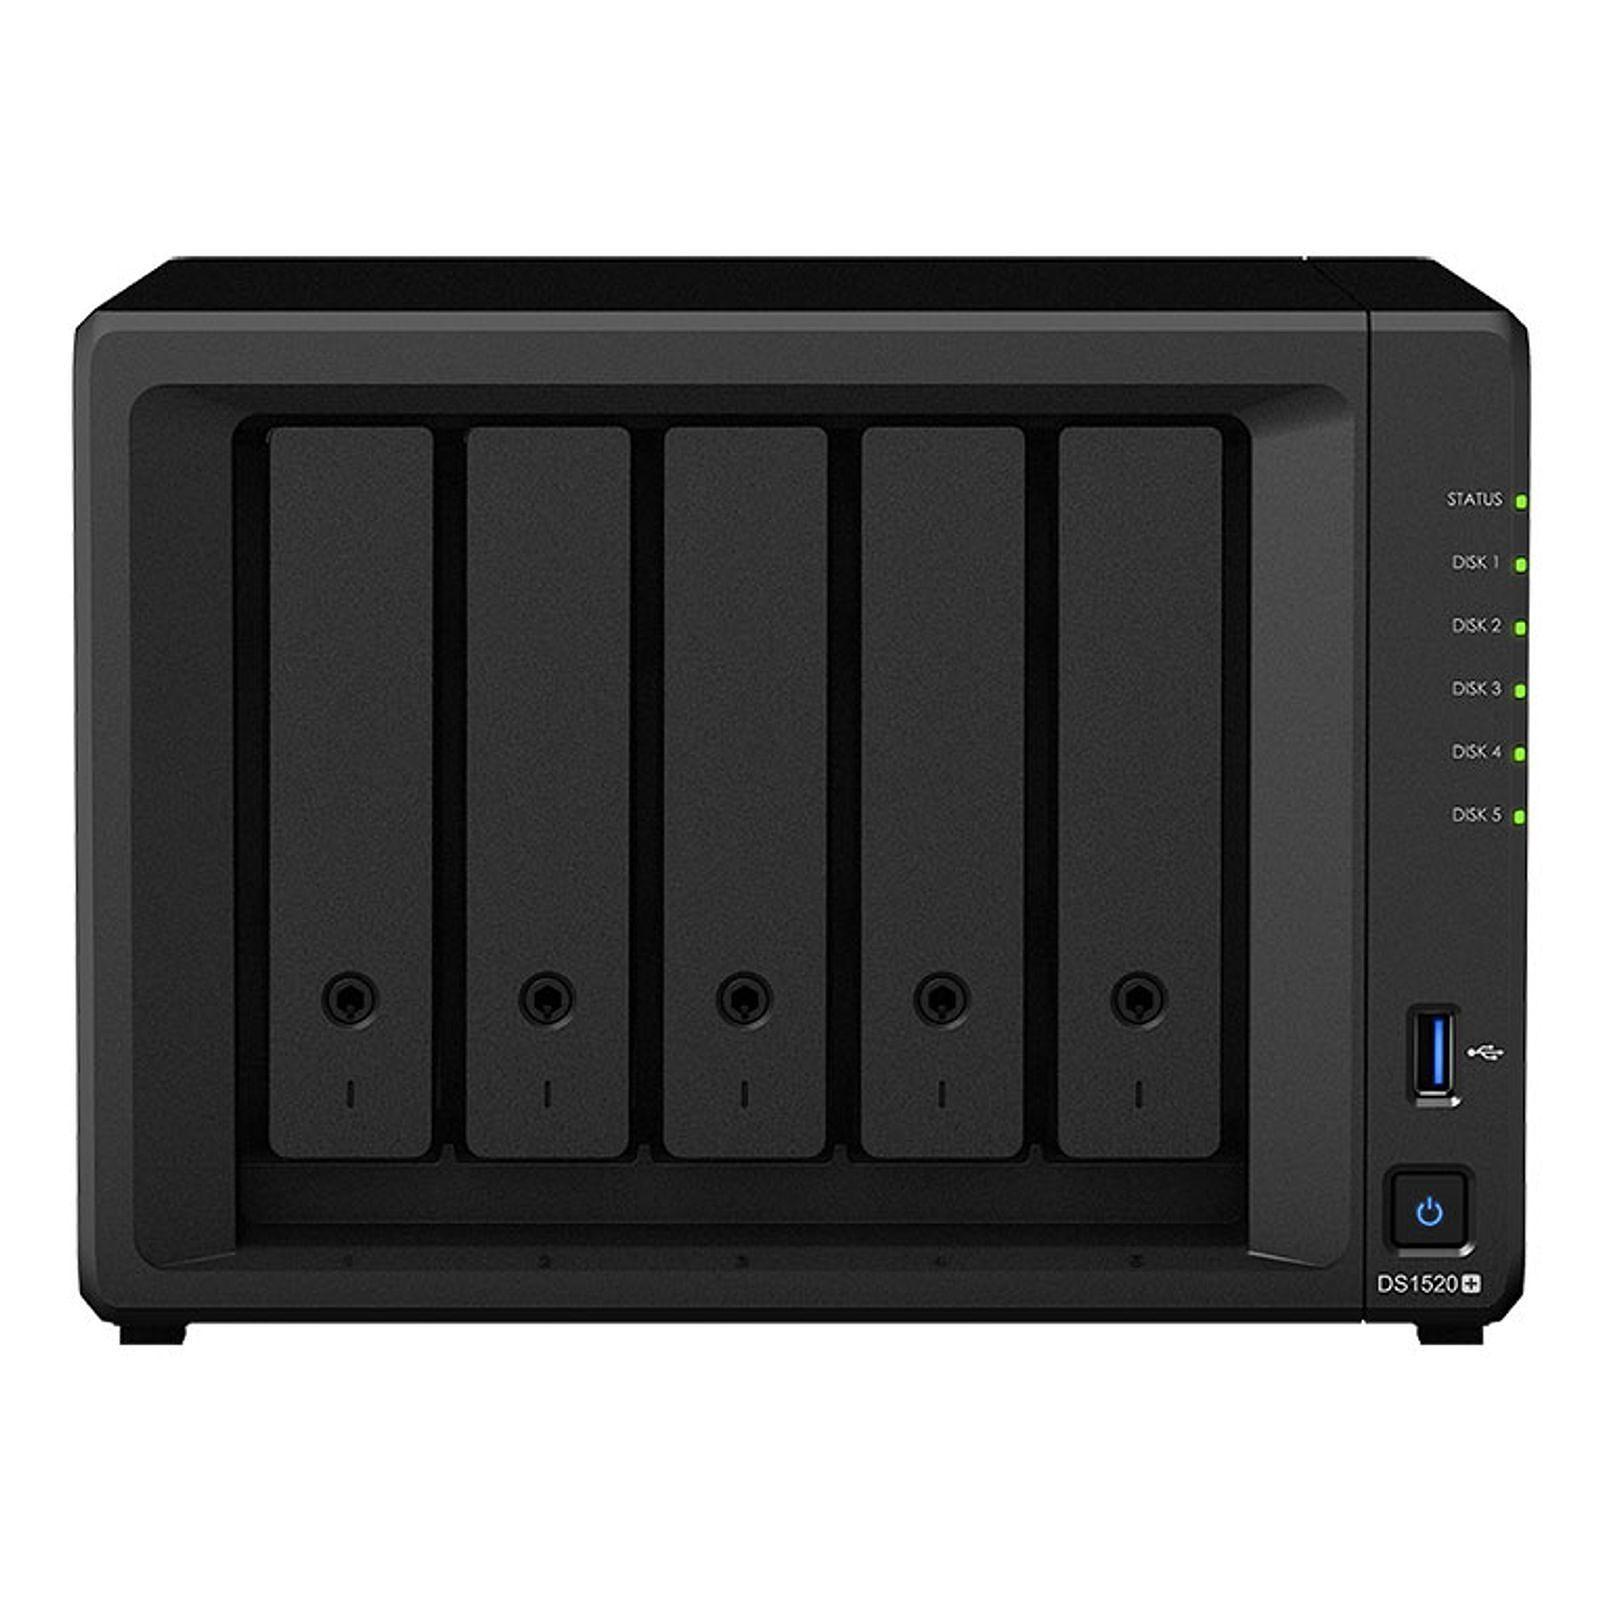 DS1520+ - 5 HDD (DS1520+) - Achat / Vente Serveur NAS sur Picata.fr - 0